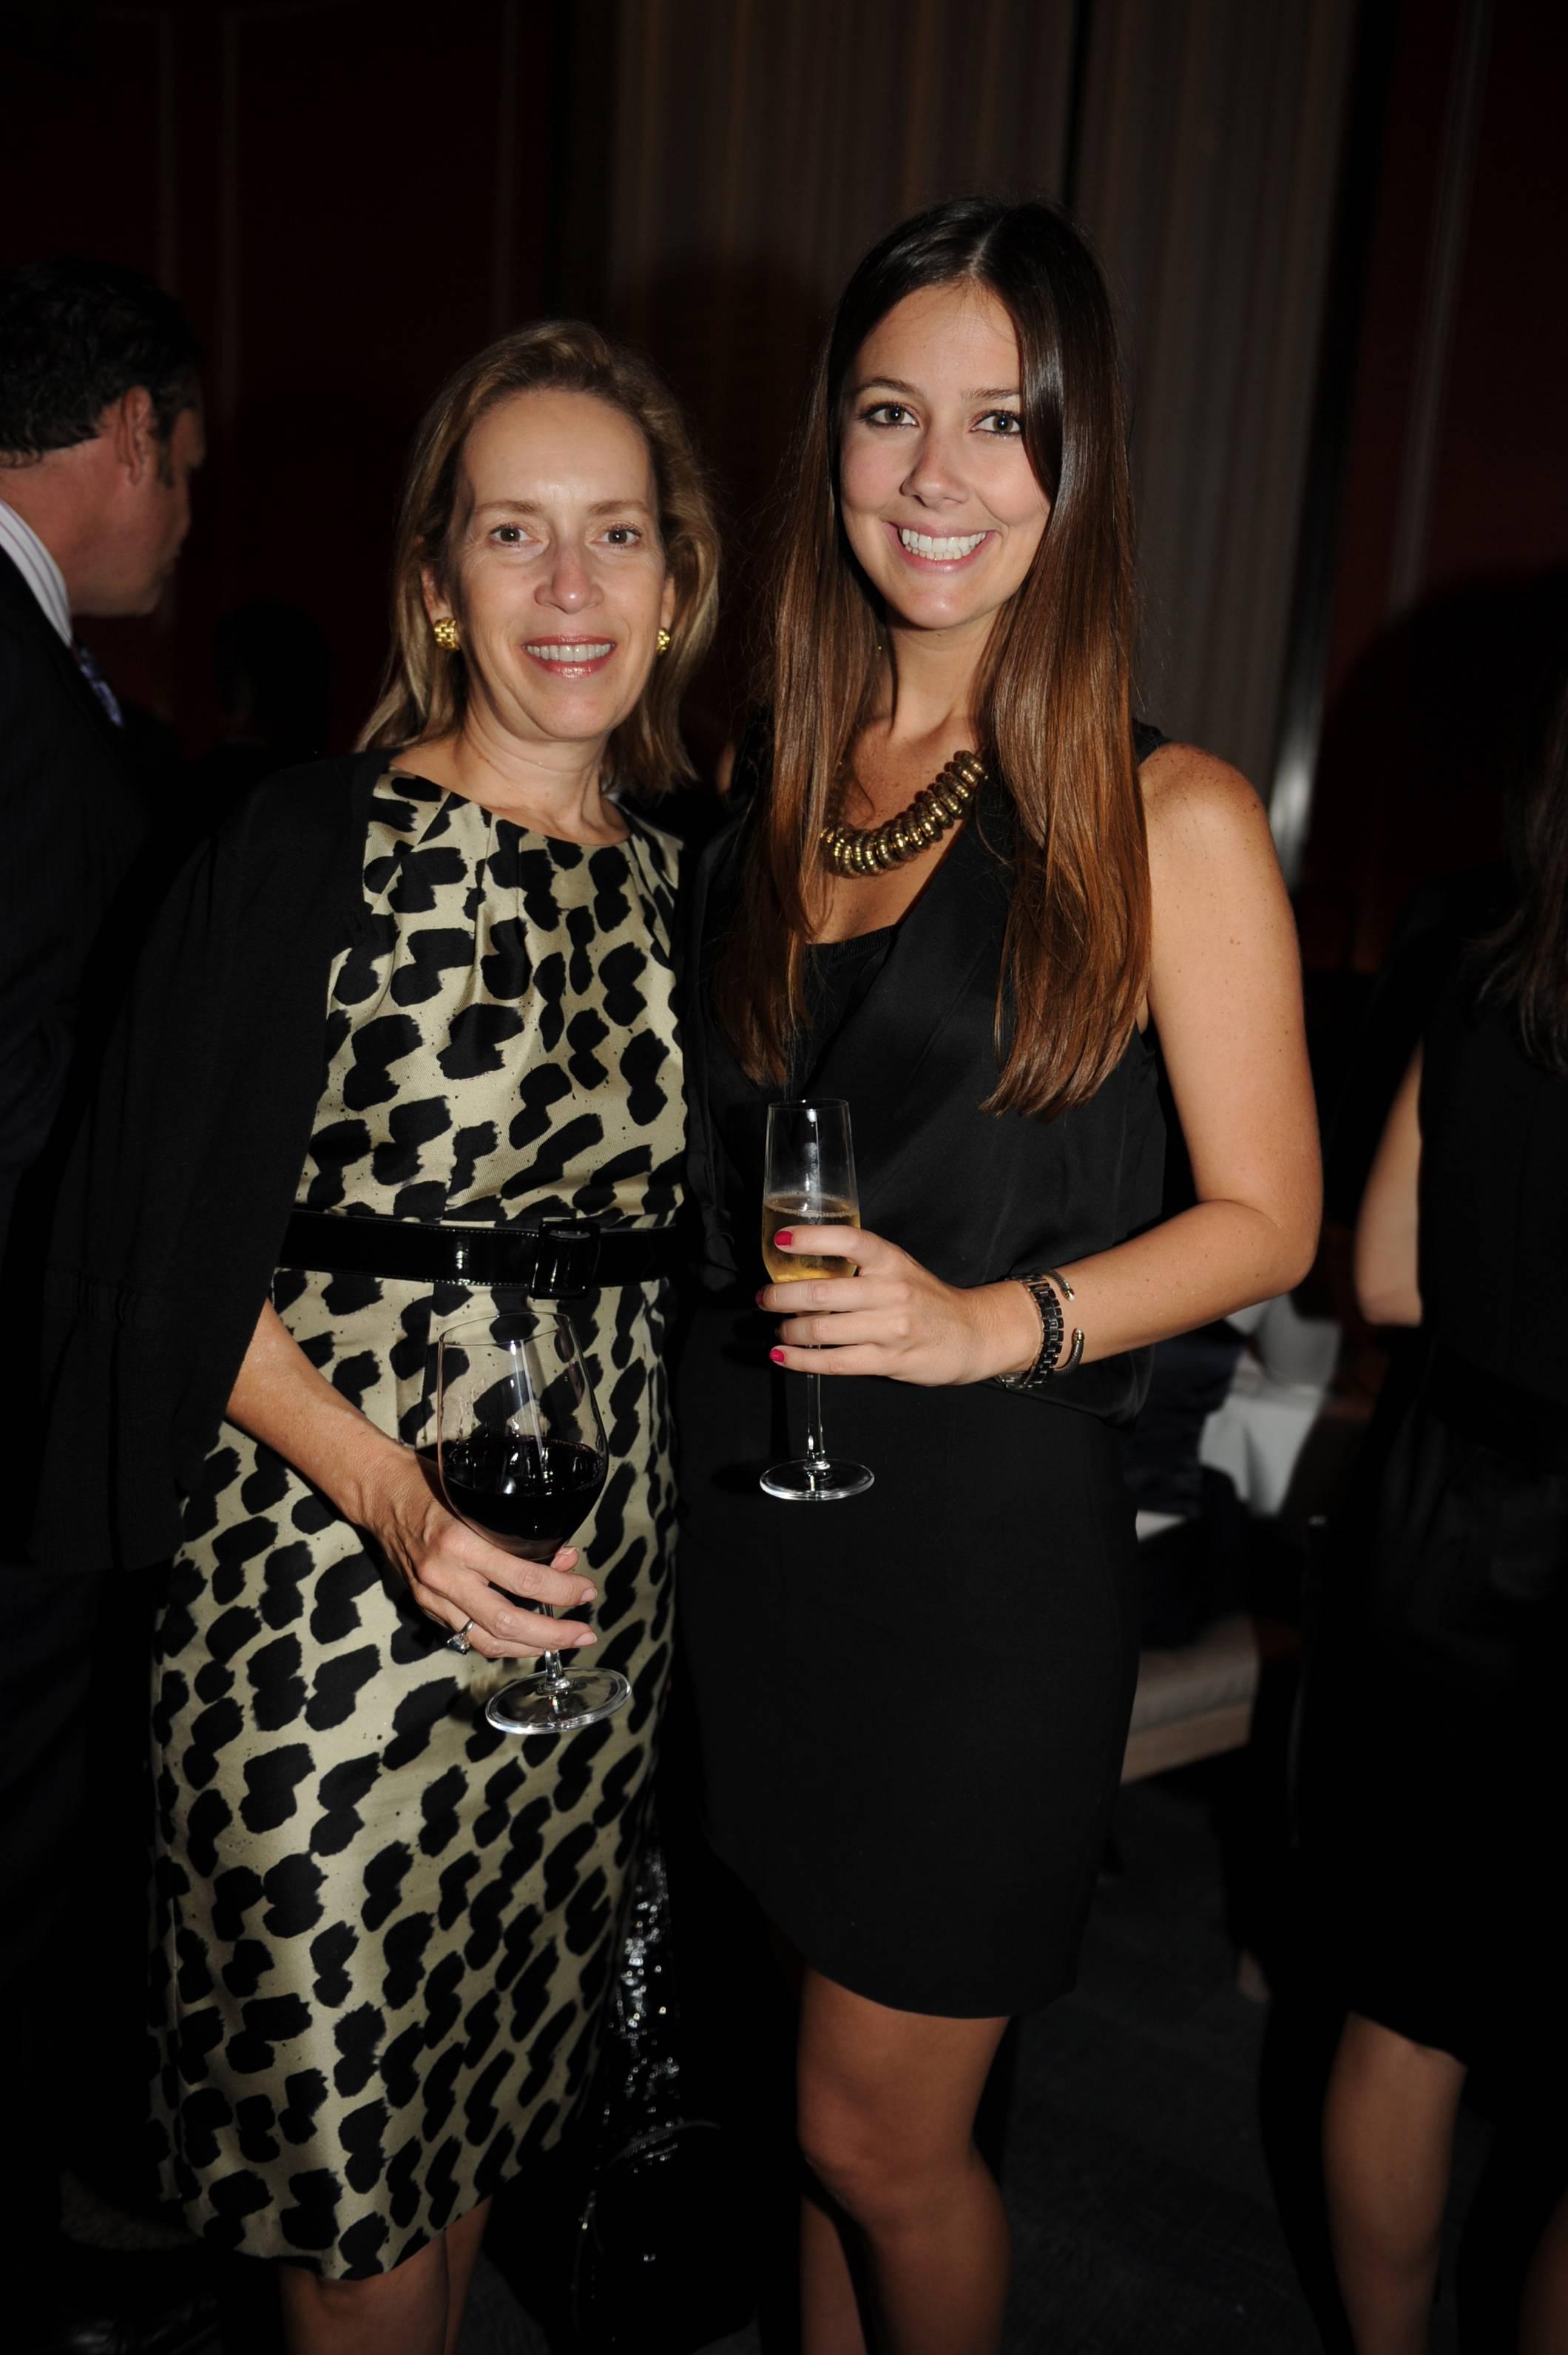 Alicia Cervera & Emily Mckenzie